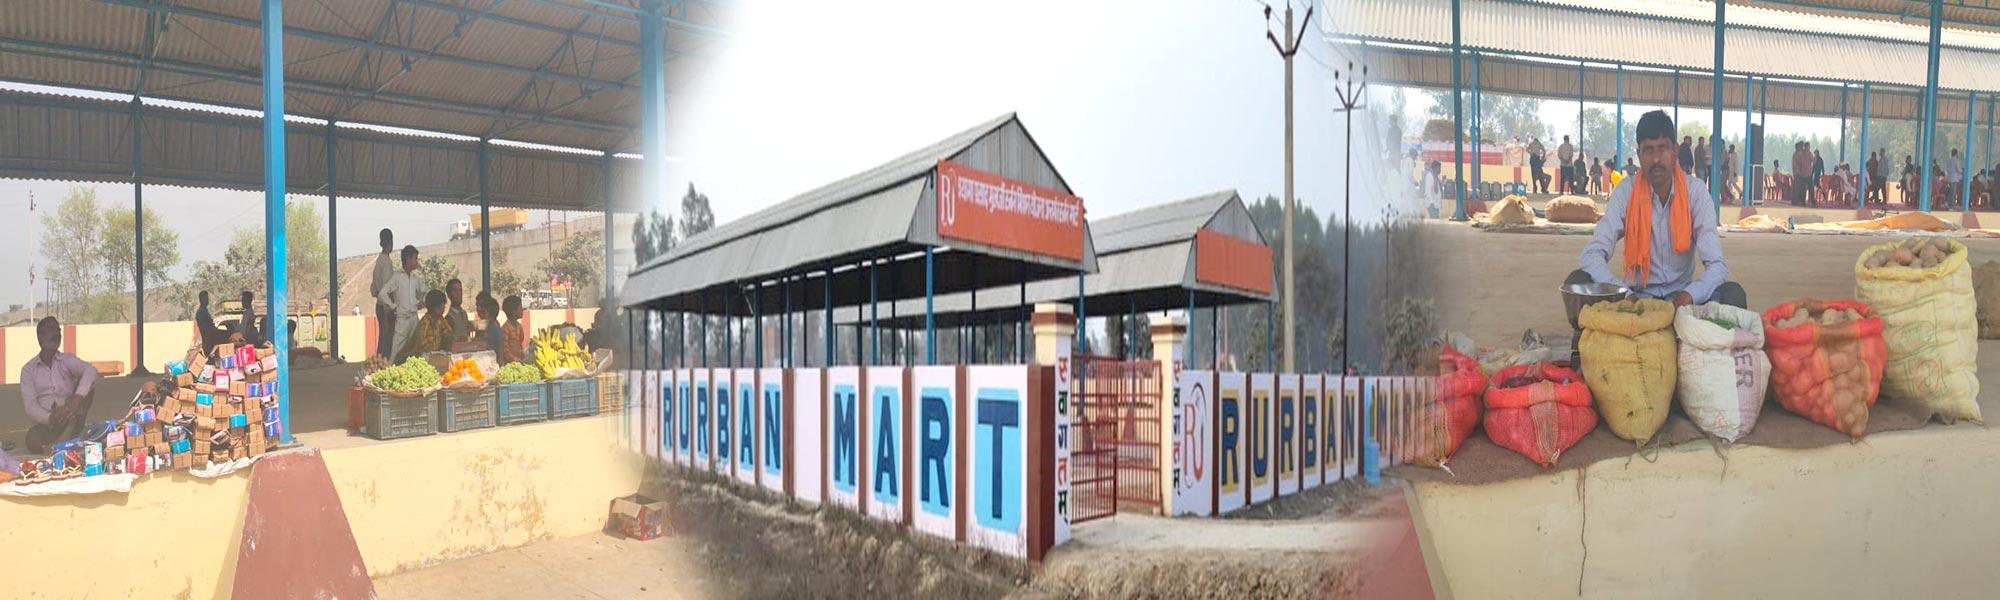 Construction of Rurban Mart